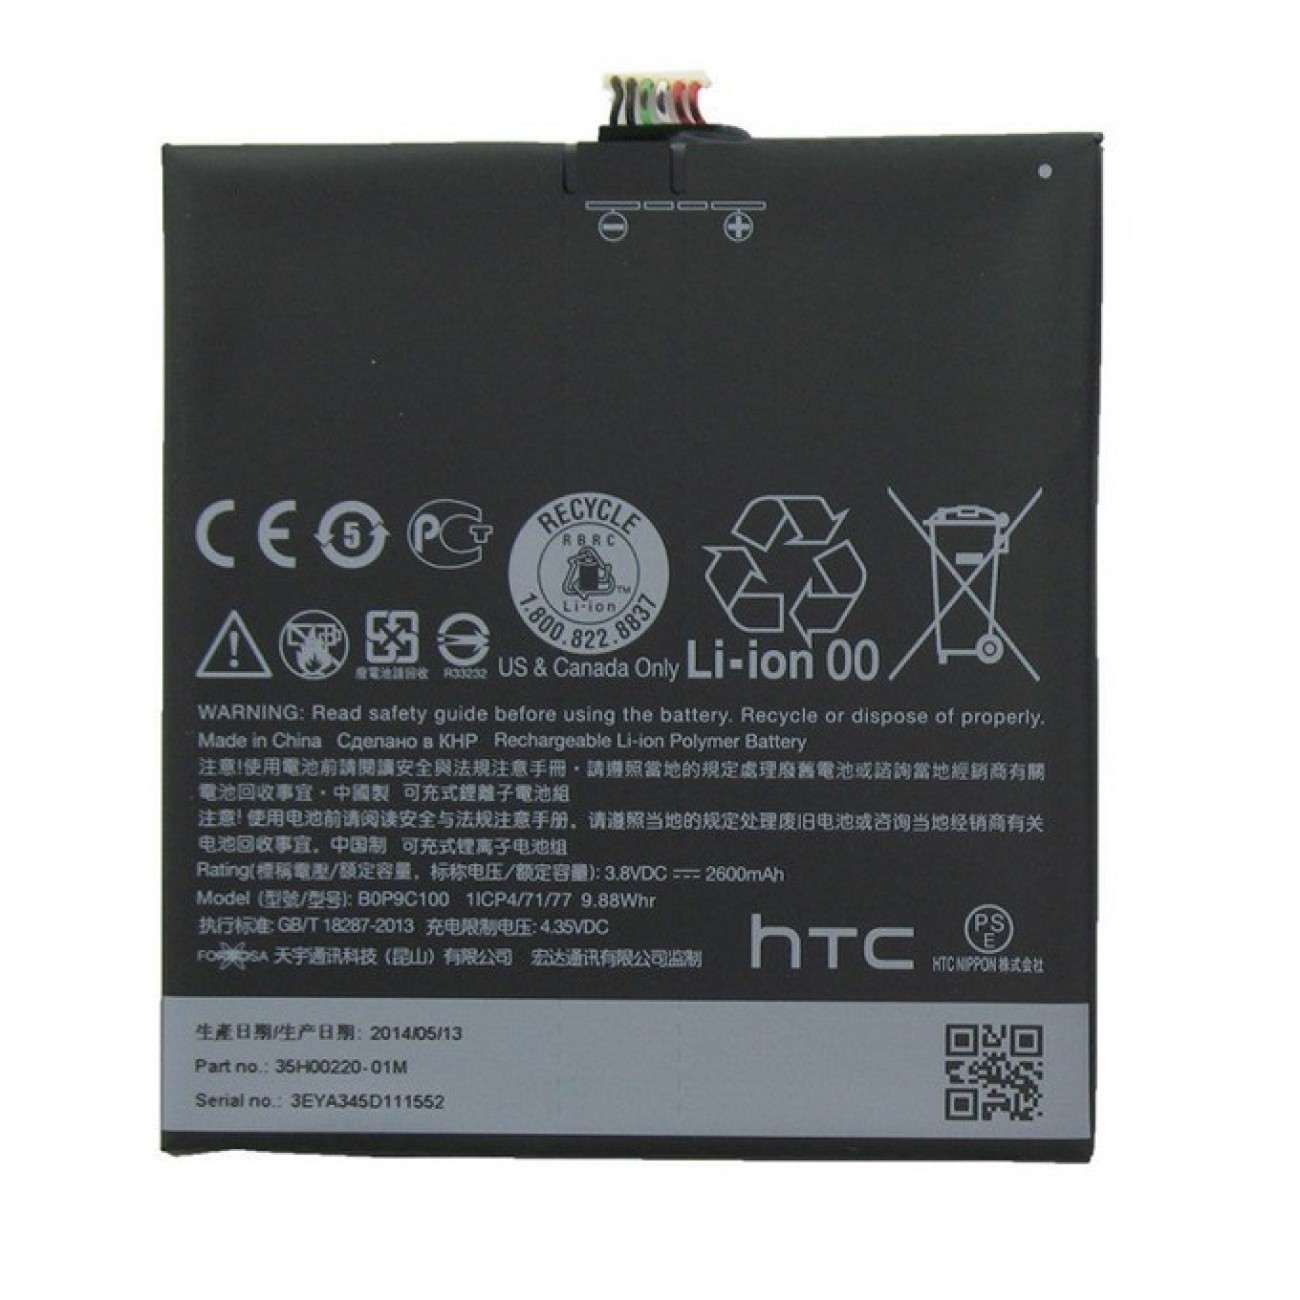 Батерия (оригинална) HTC B0P9C100 за телефон HTC Desire 816, 2600mAh/3.8V, Bulk в Батерии за Телефони, Таблети -  | Alleop